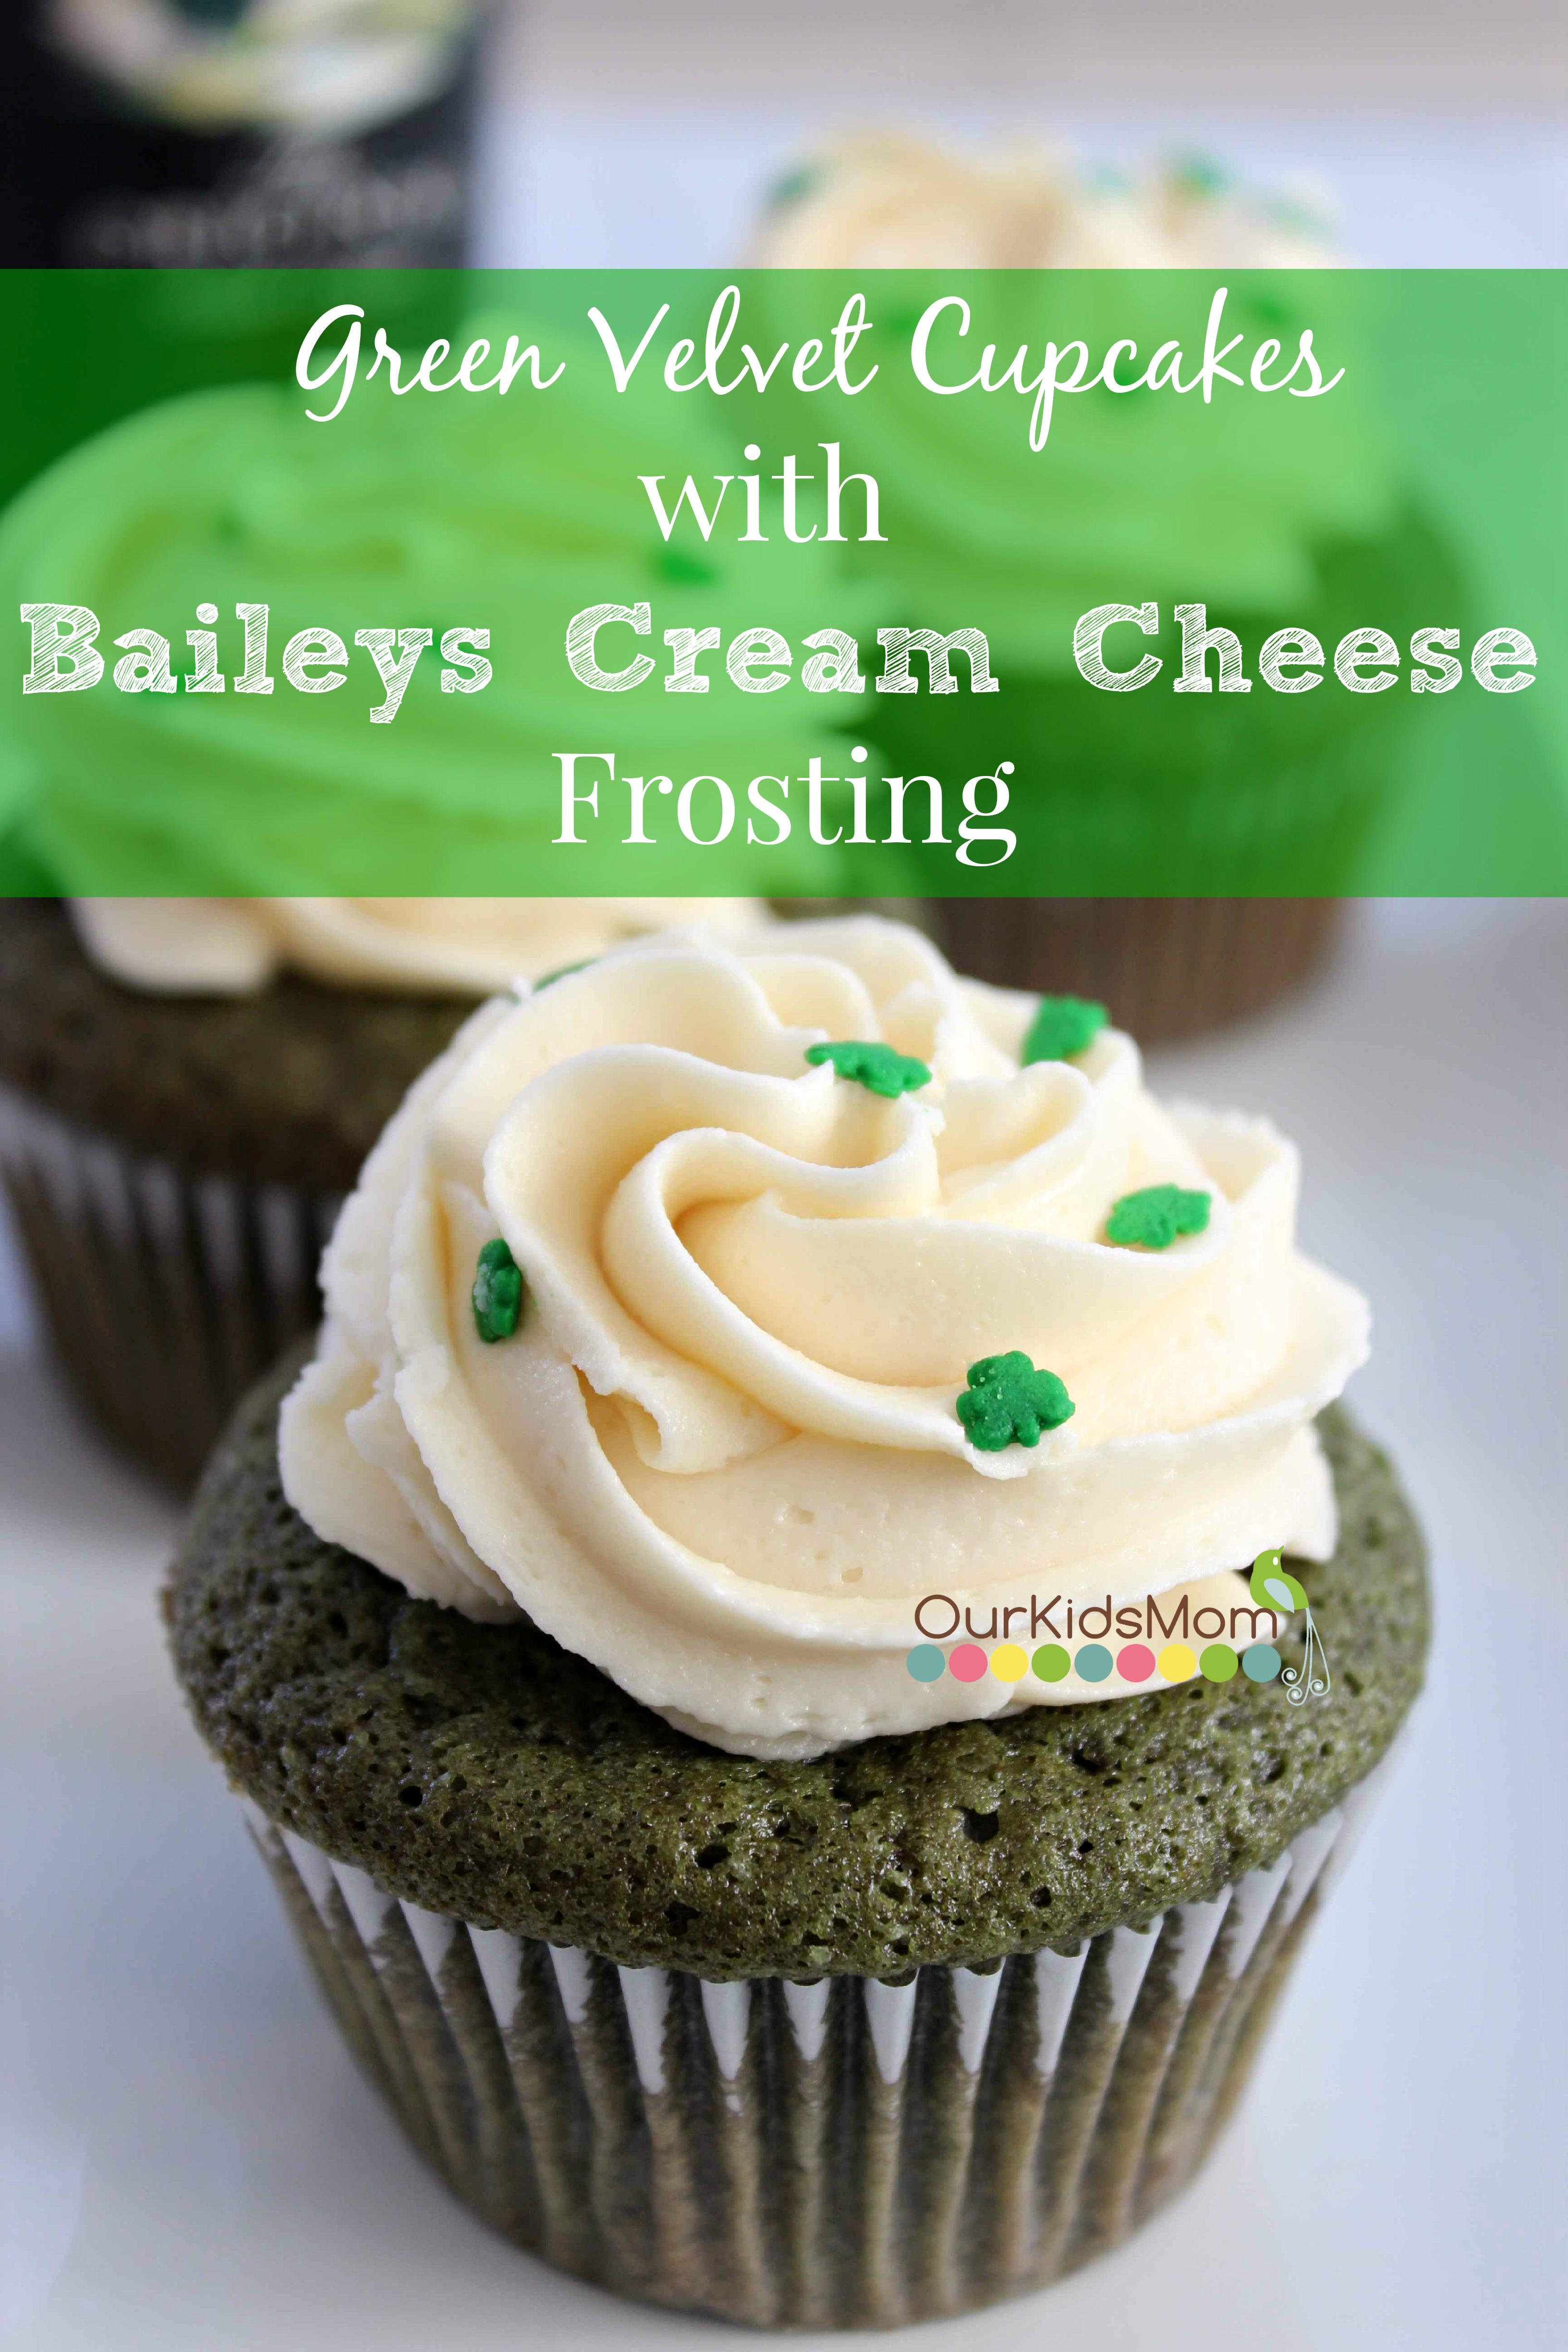 BaileysCupcakes